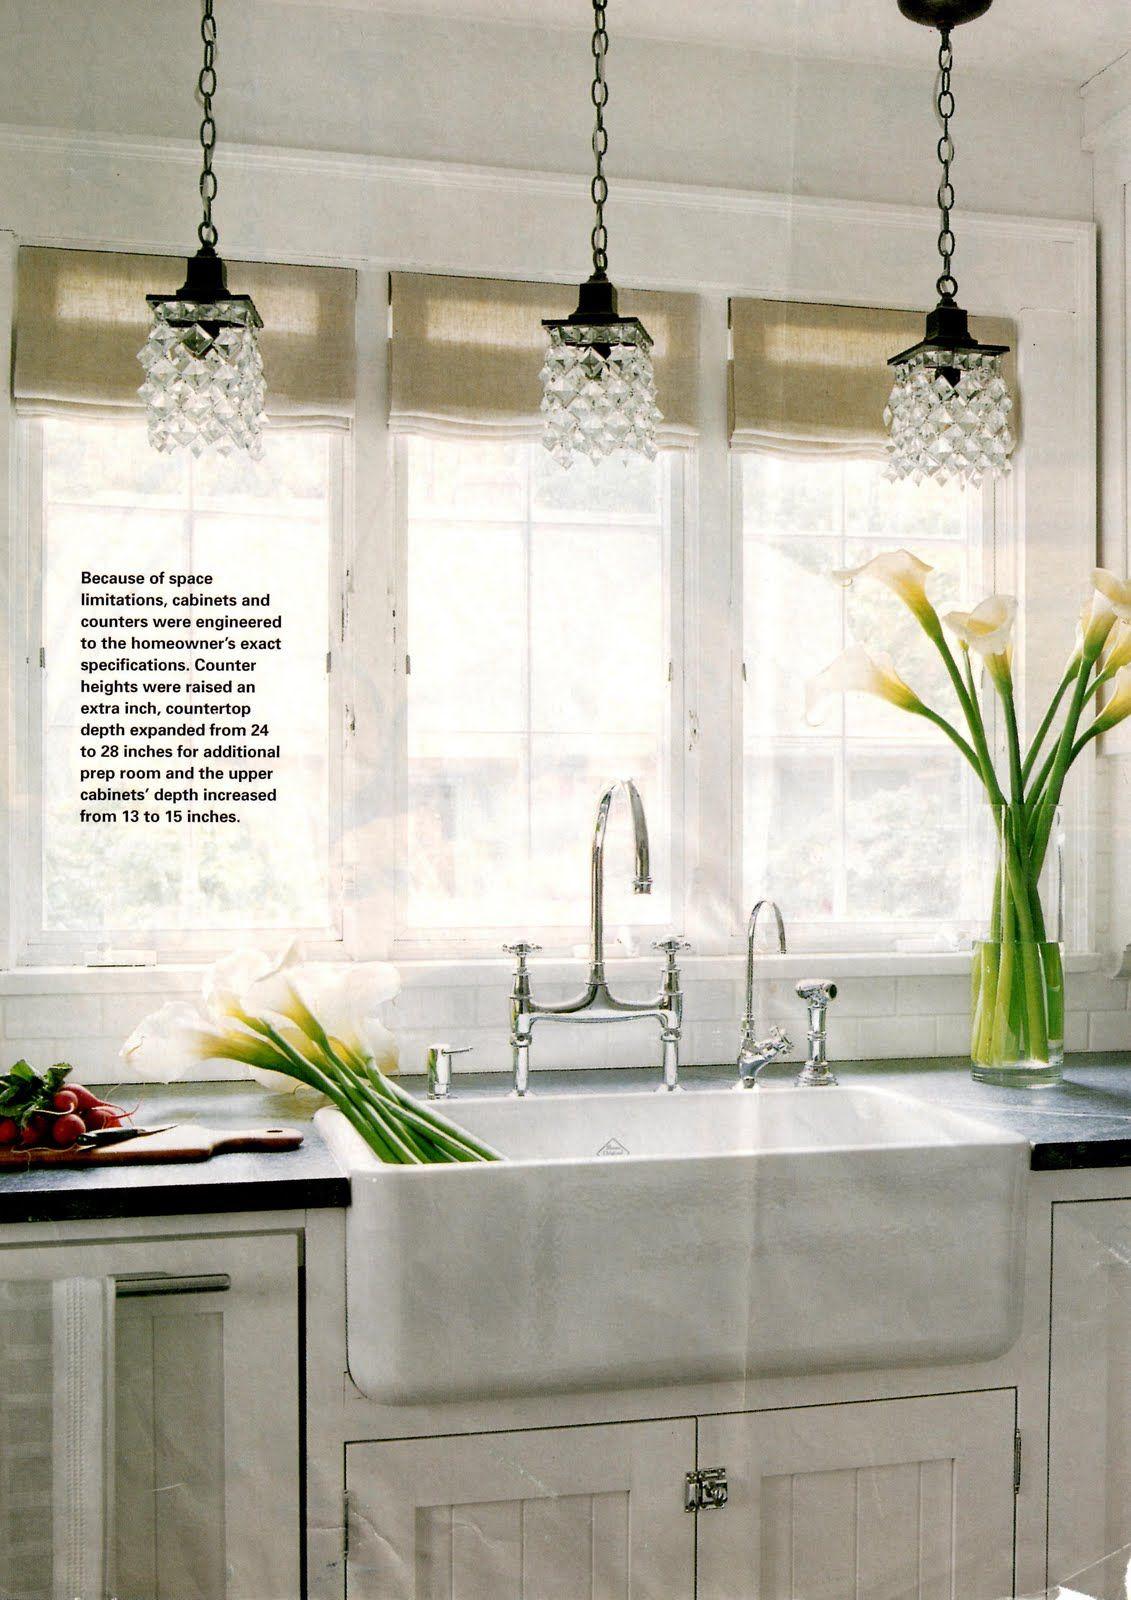 Pendants Over Sink Jpg 1131 1600 Pixels Kitchen Sink Lighting